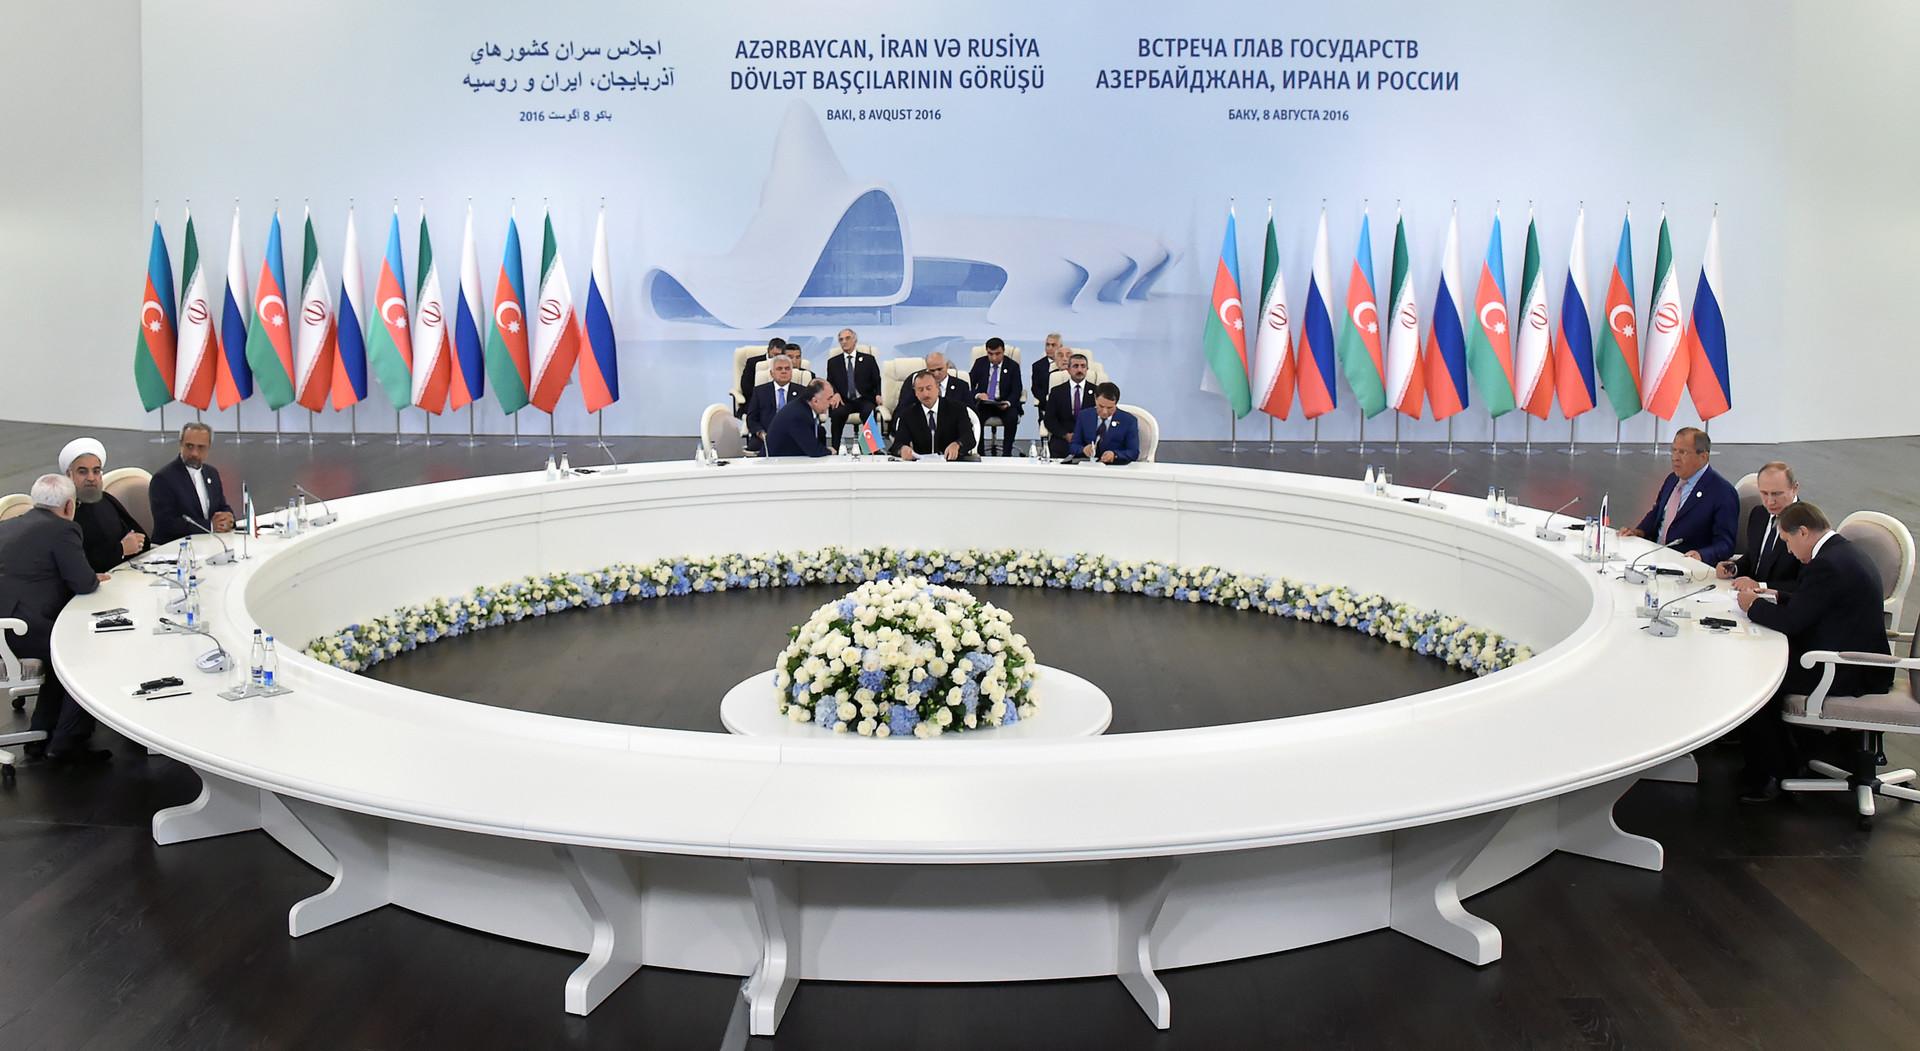 """Dreier-Gipfel zwischen Russland, Aserbajdschan und Iran: Ein wichtiger Wurf im neuen """"Great Game""""?"""